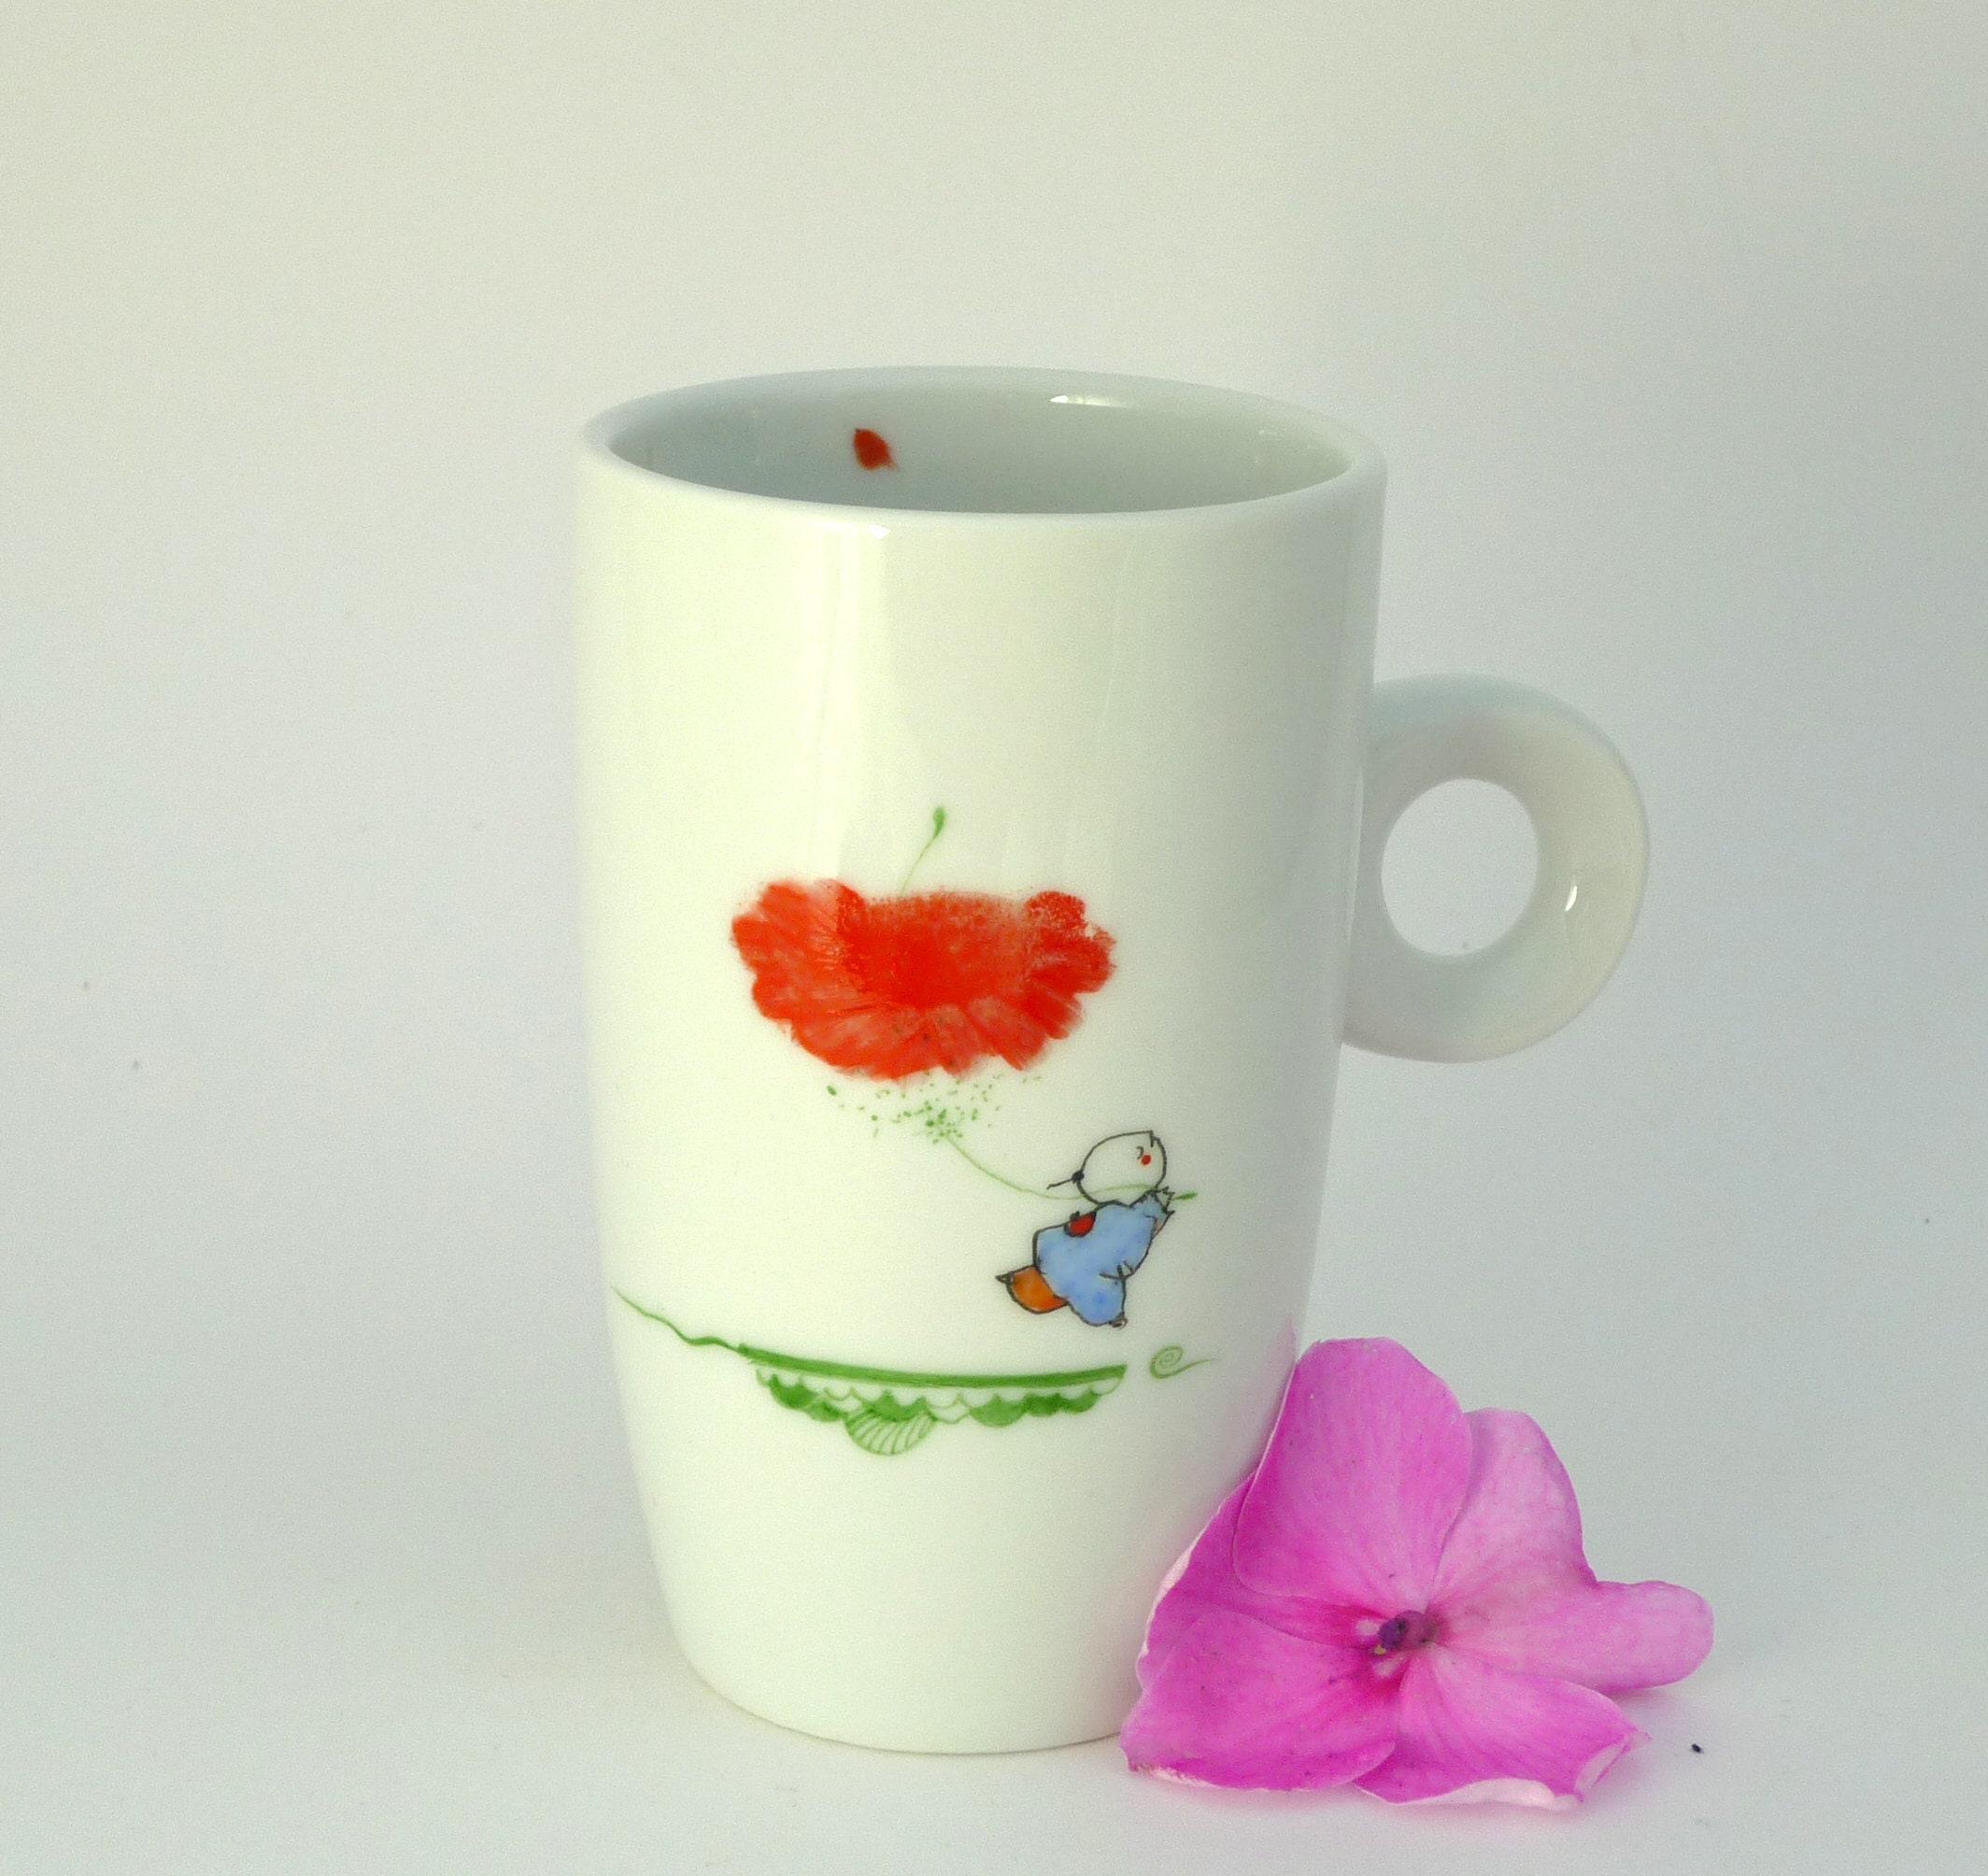 expresso tasse tasse en porcelaine tasse caf tasse etsy. Black Bedroom Furniture Sets. Home Design Ideas